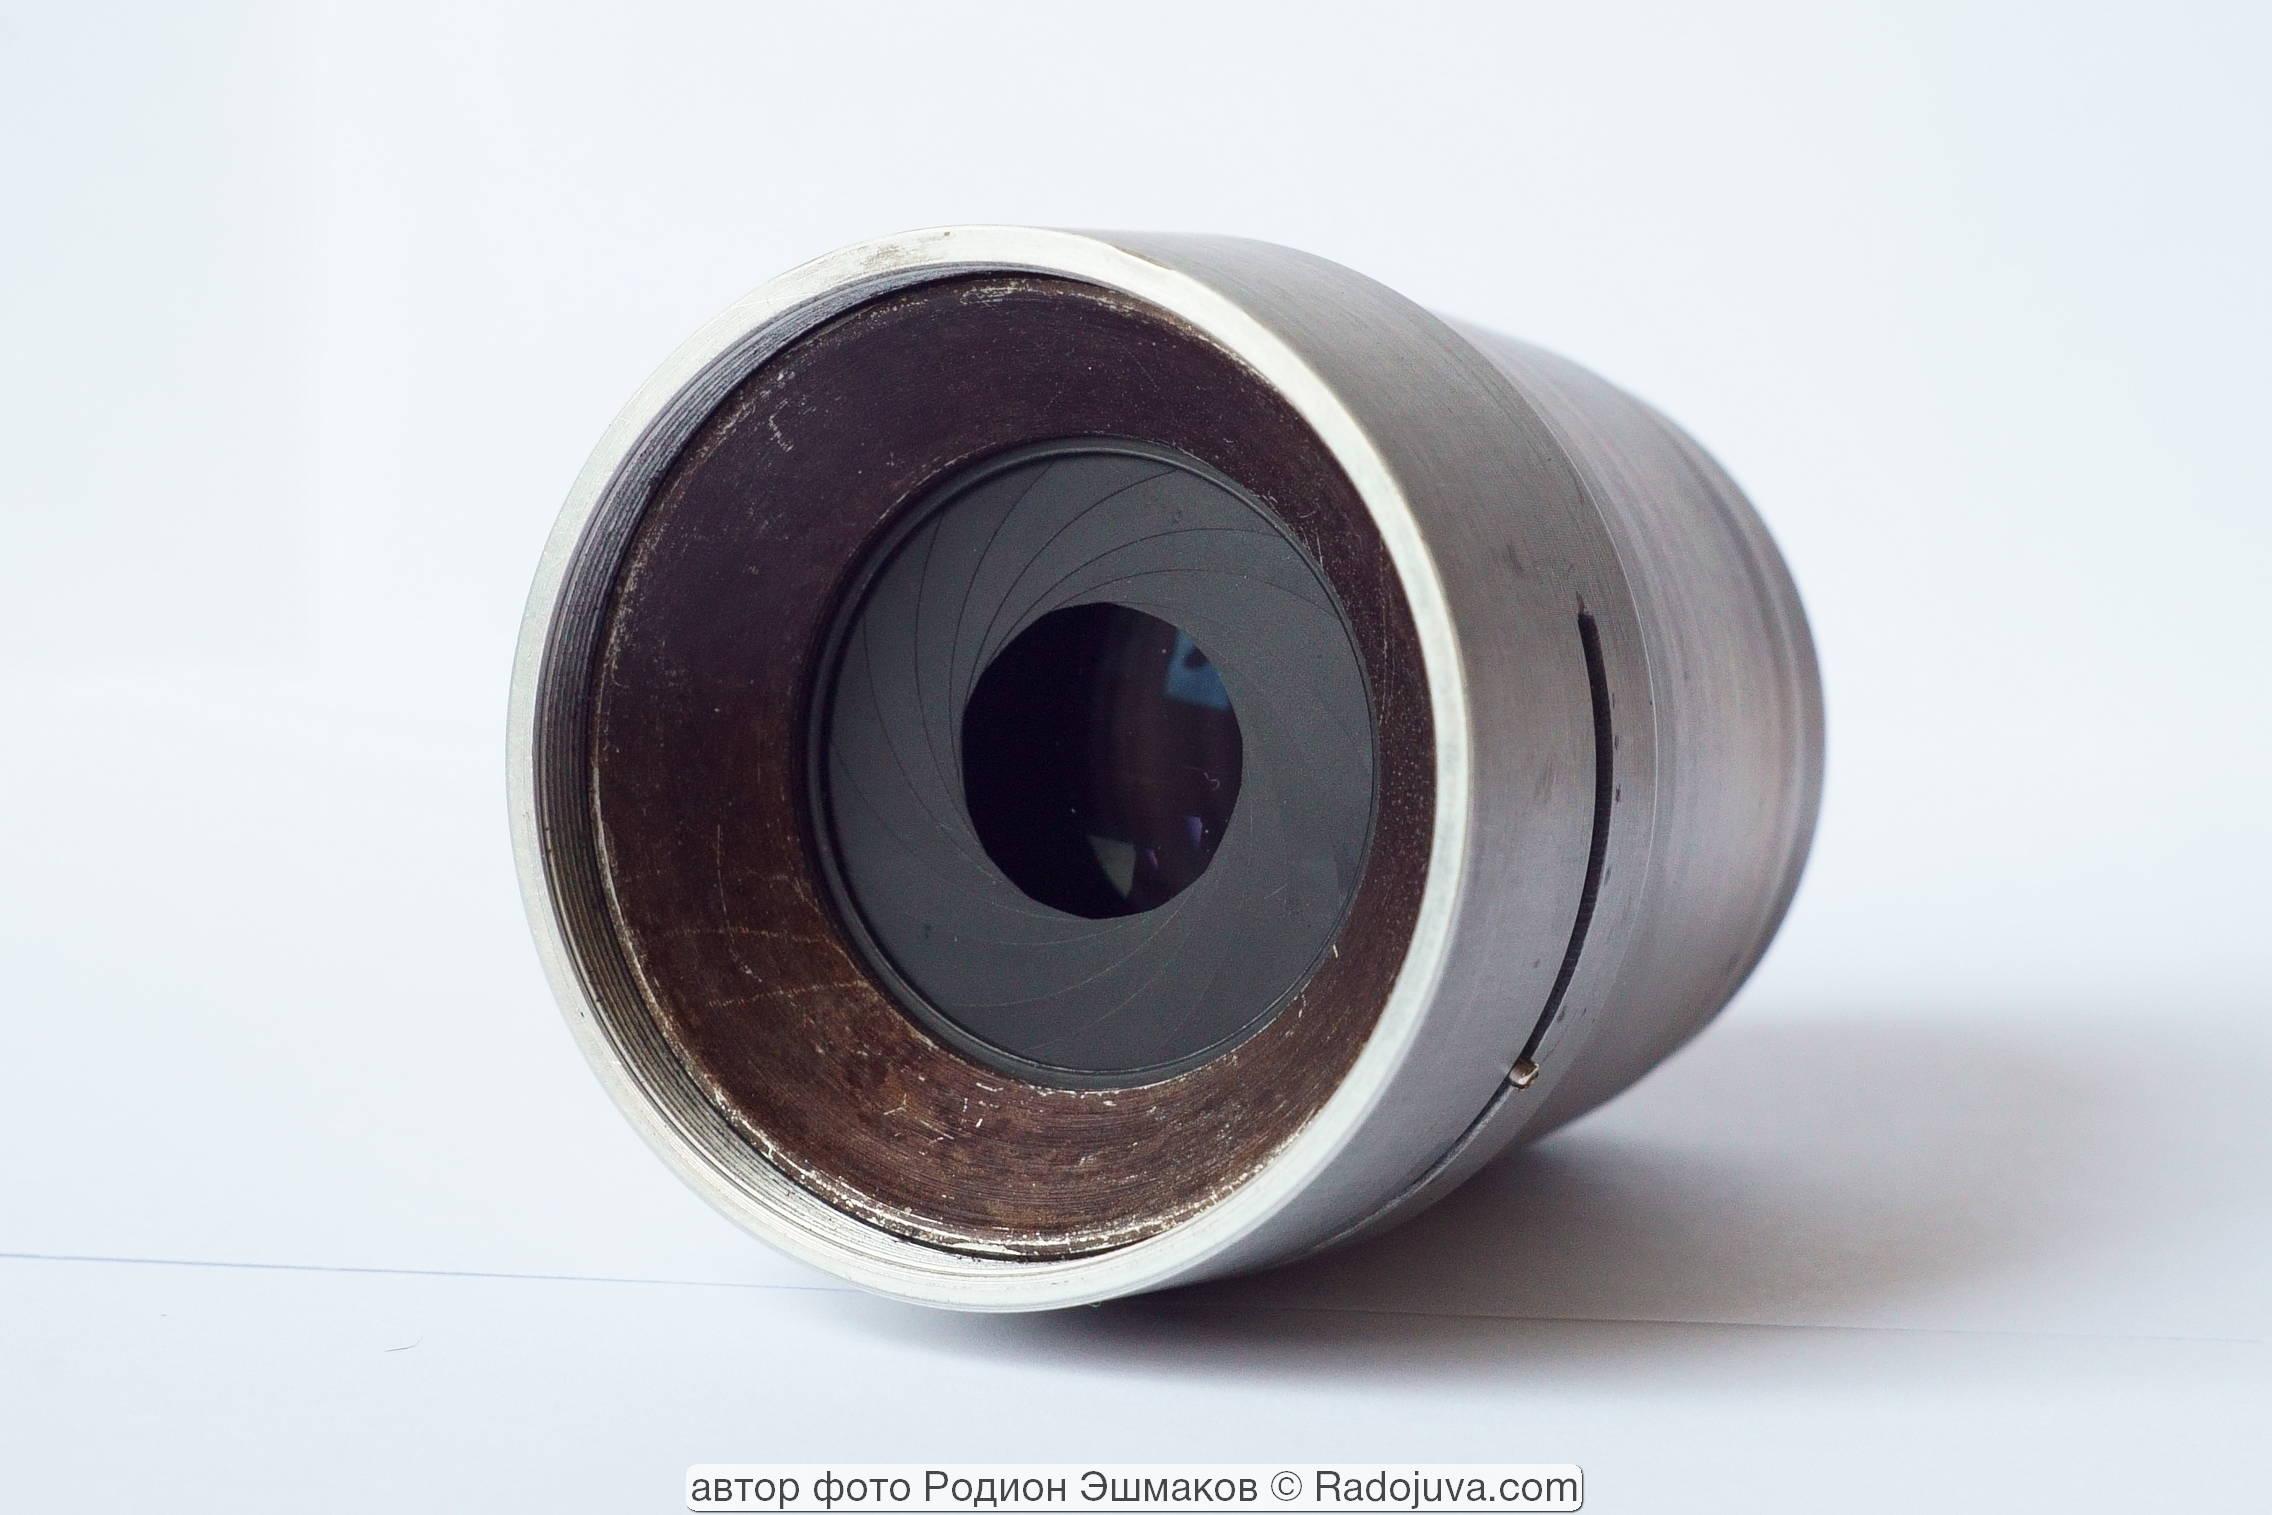 Предлинзовая диафрагма объектива. Черный цвет титульного кольца – результат кустарного химического оксидирования.